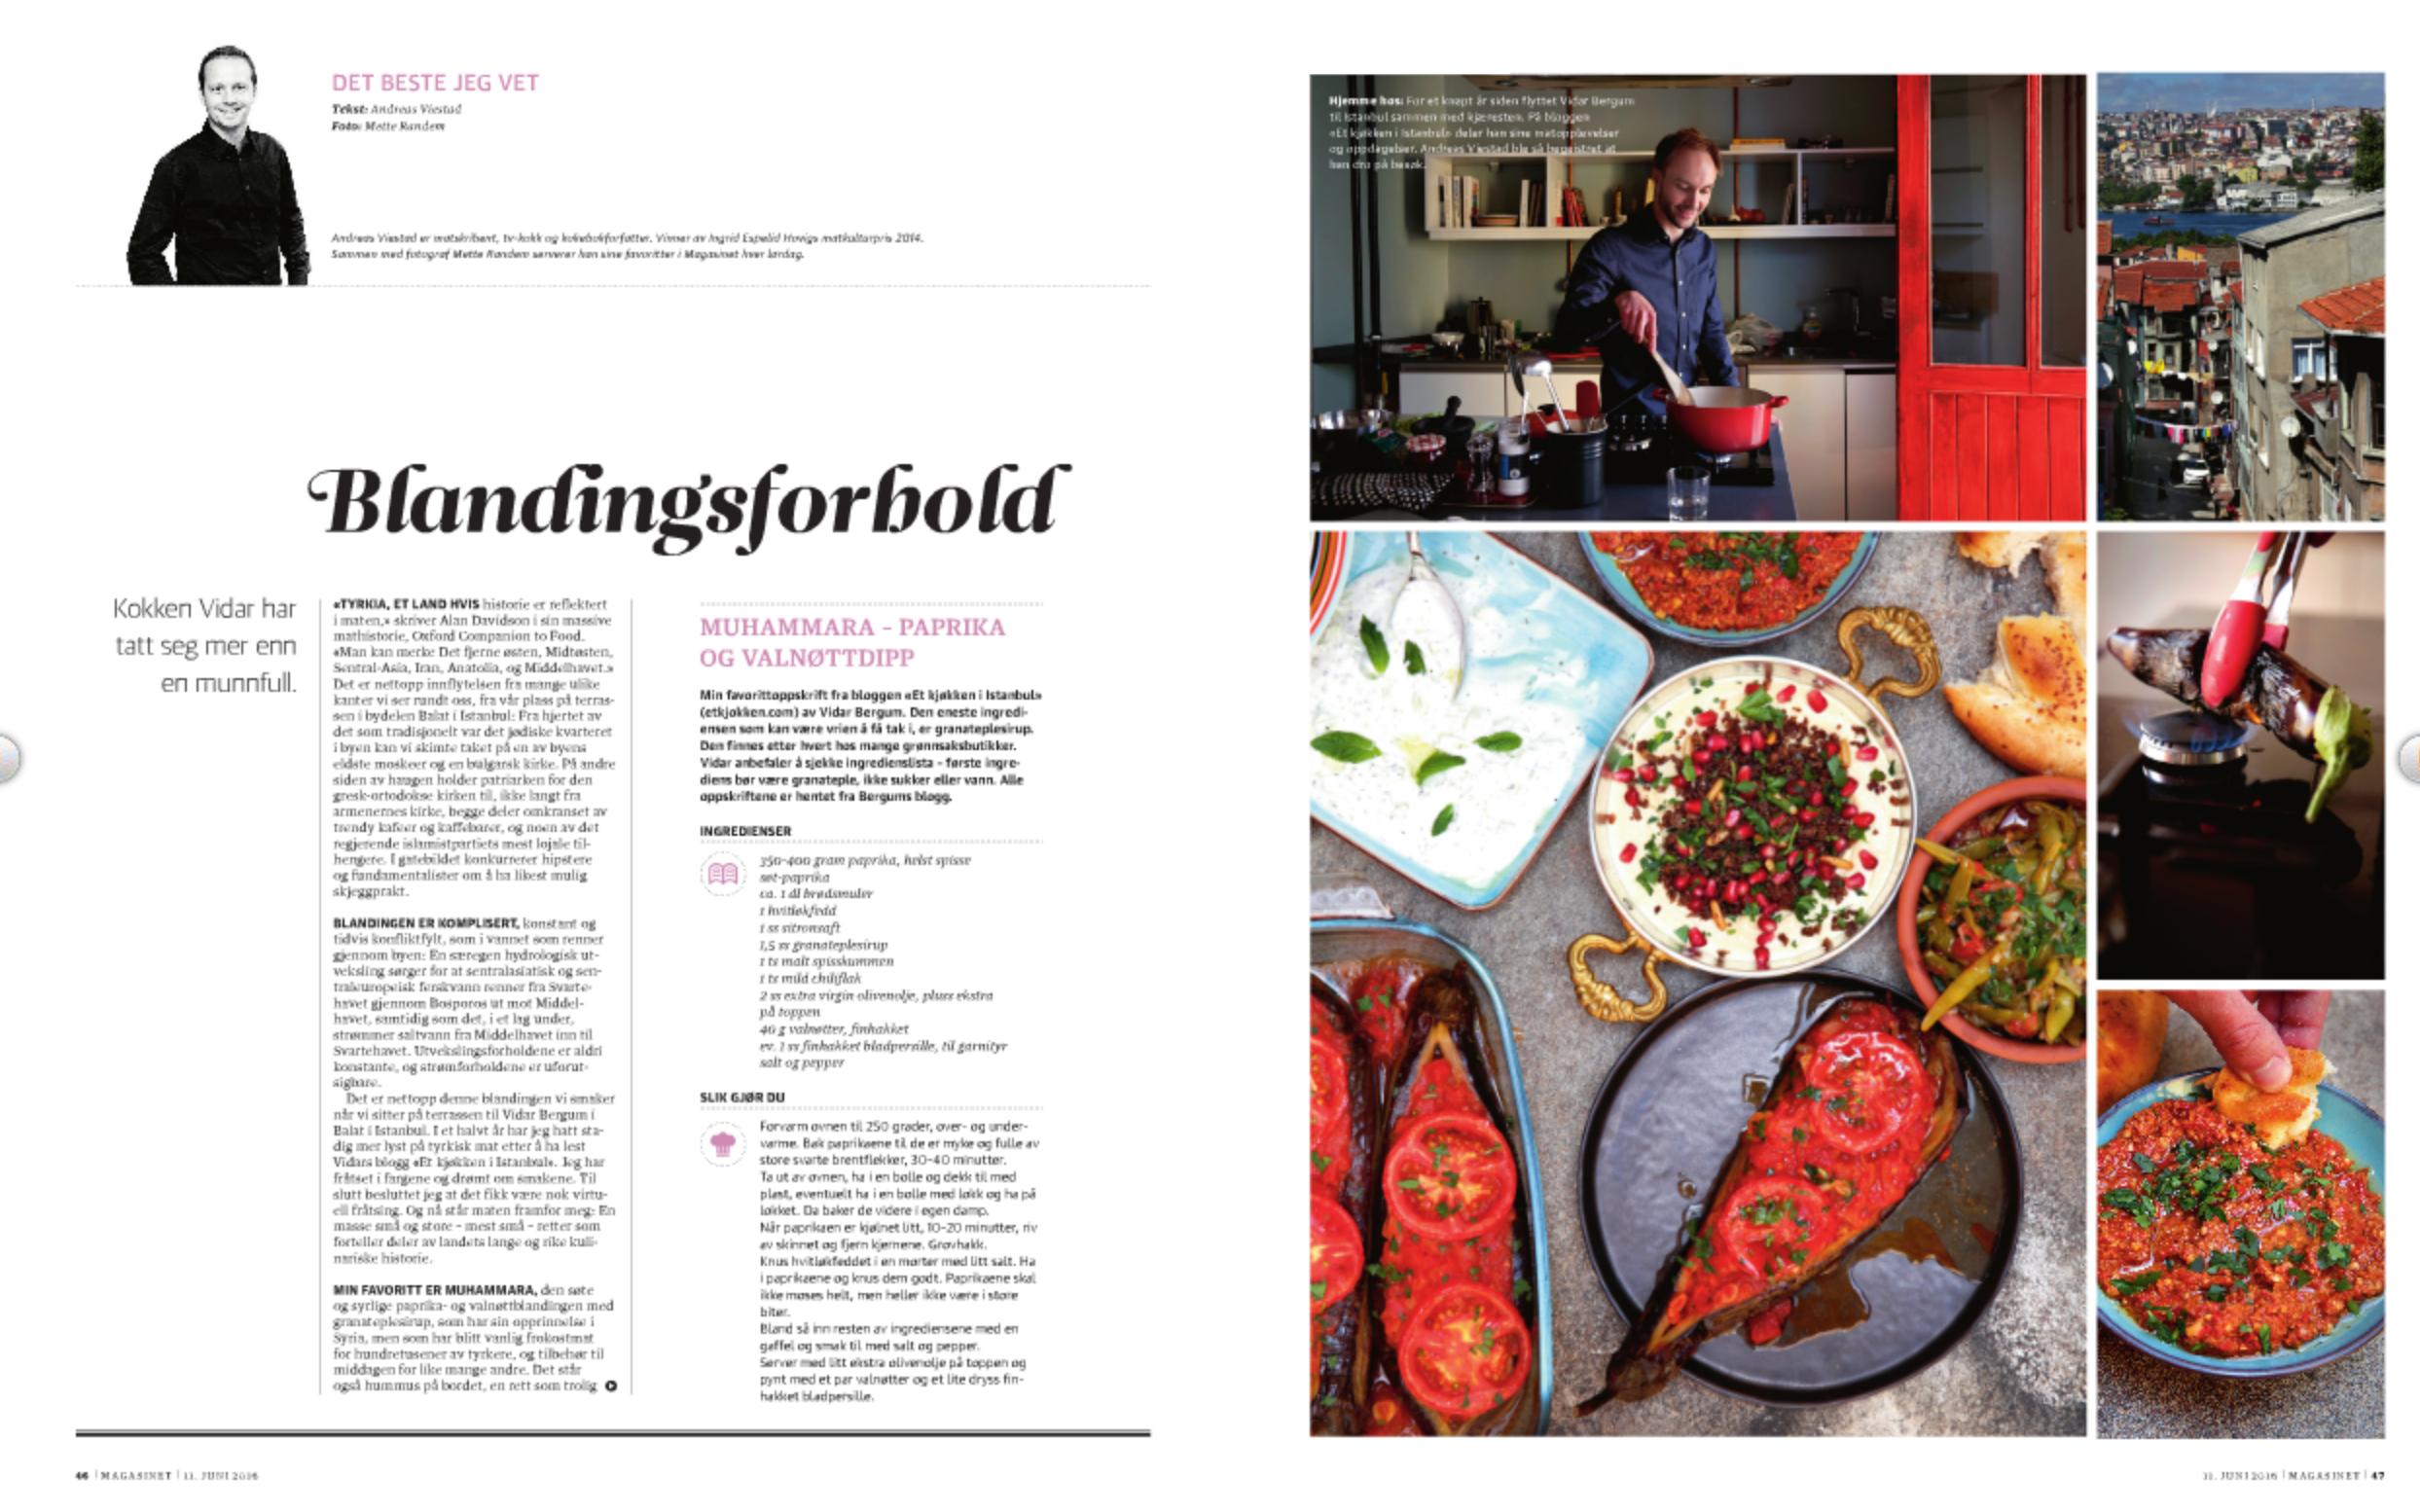 Blandingsforhold - Dagbladet Magasinet / Et kjøkken i Istanbul